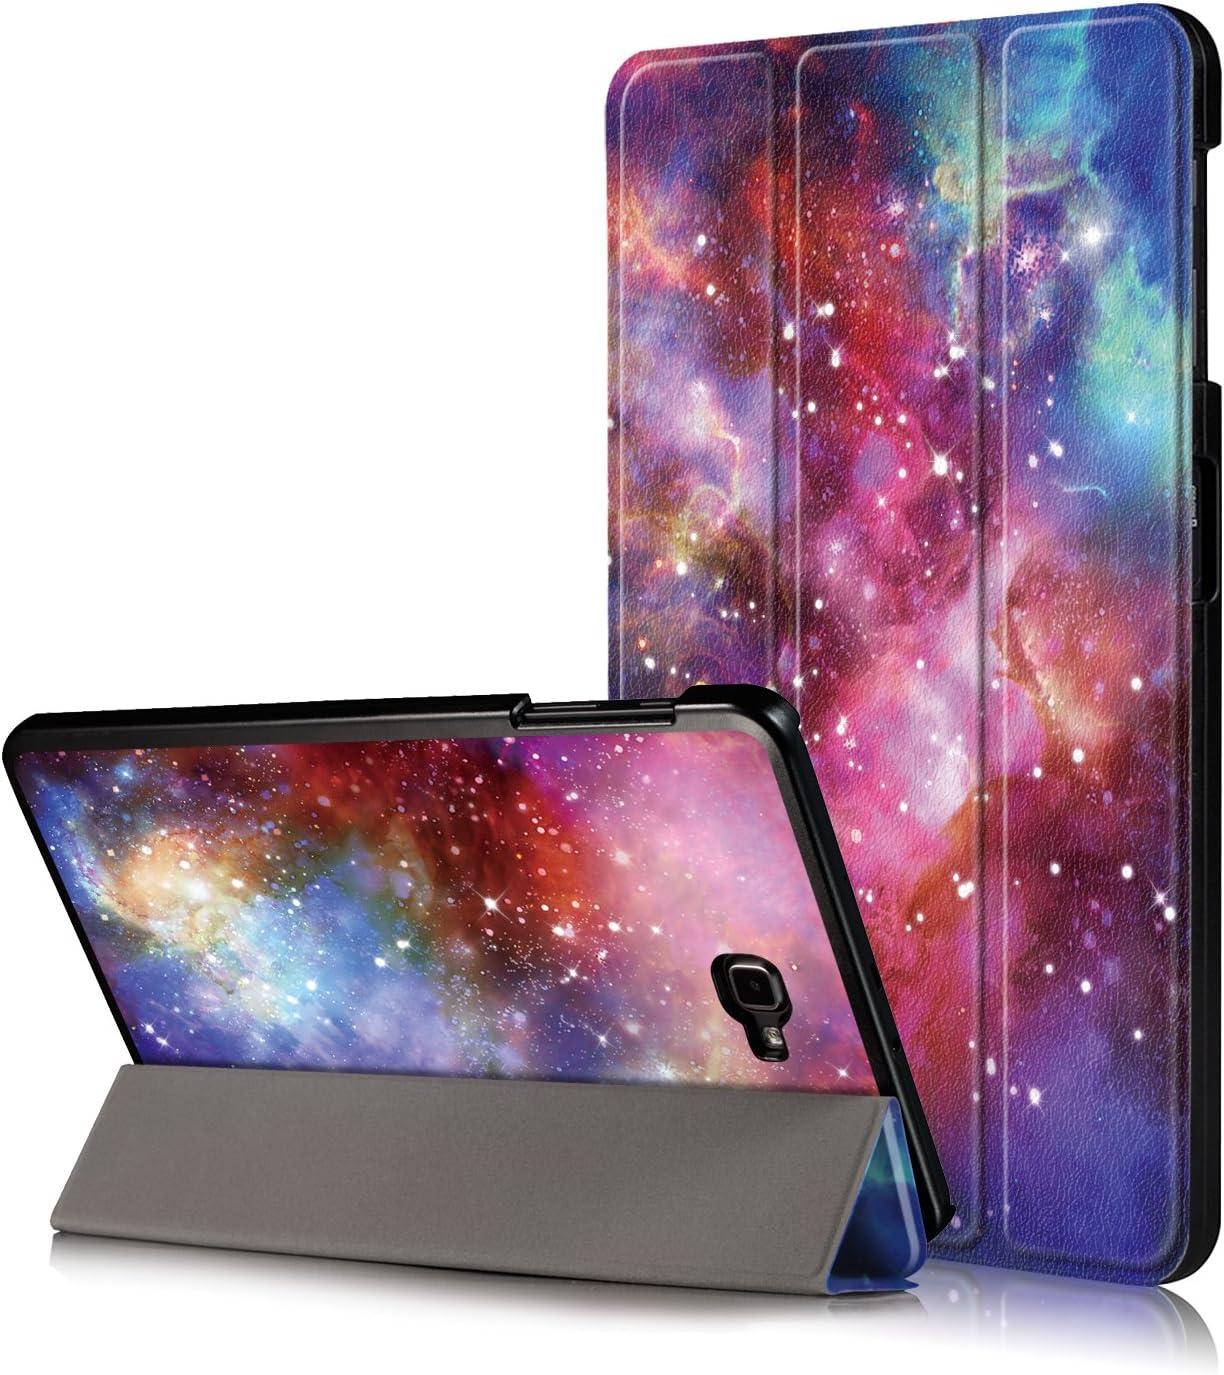 Xuanbeier Funda Compatible con Samsung Galaxy Tab A 10.1 SM-T580 T585 (Tab A6) con Soporte Función Auto-Sueño/Estela,Galaxy